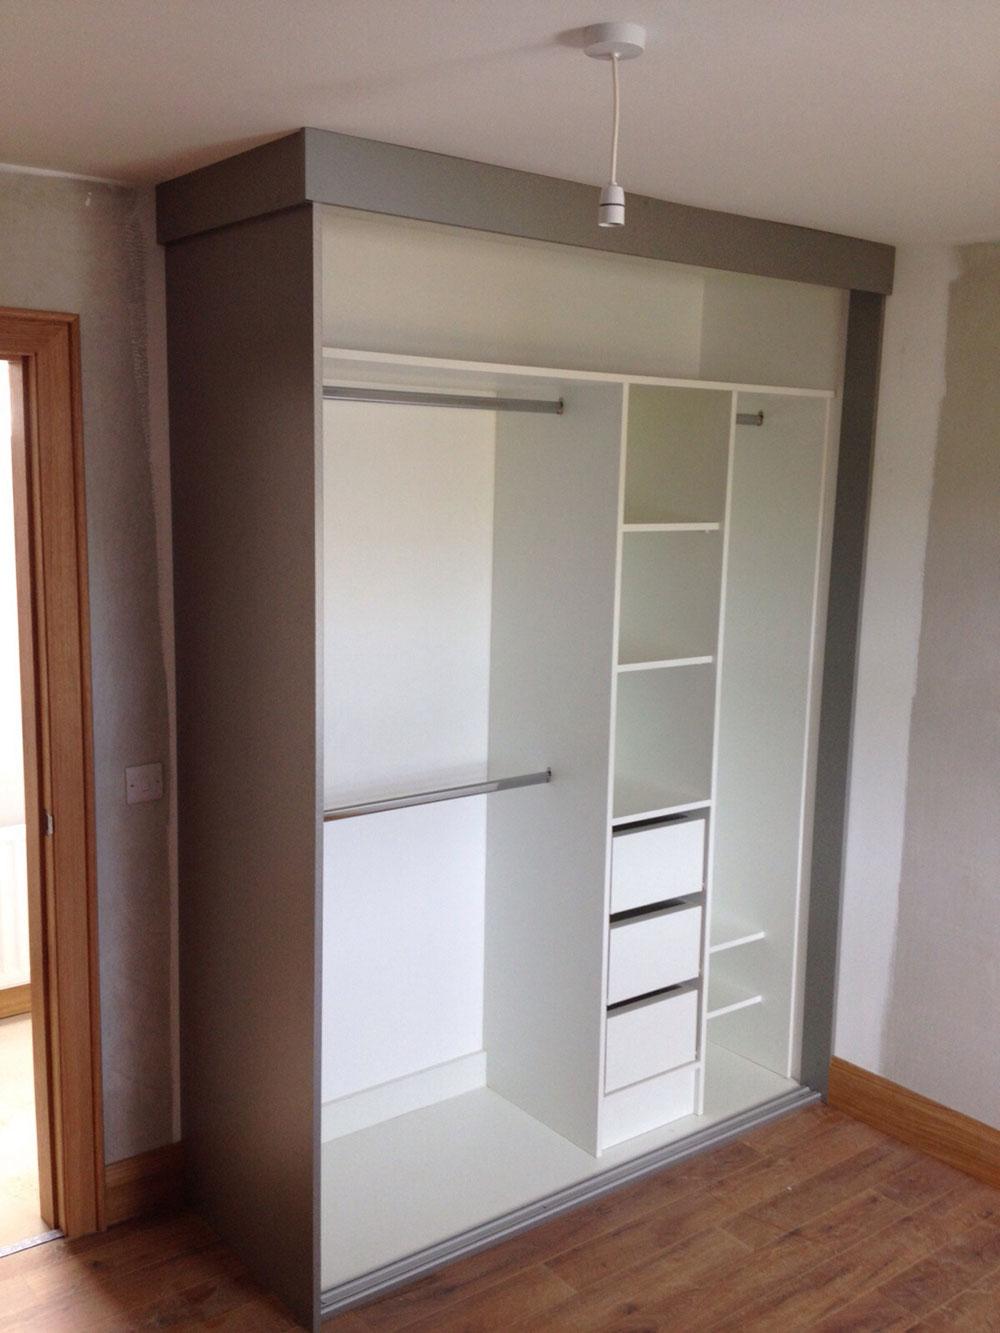 sliding-wardrobe-28a.jpg